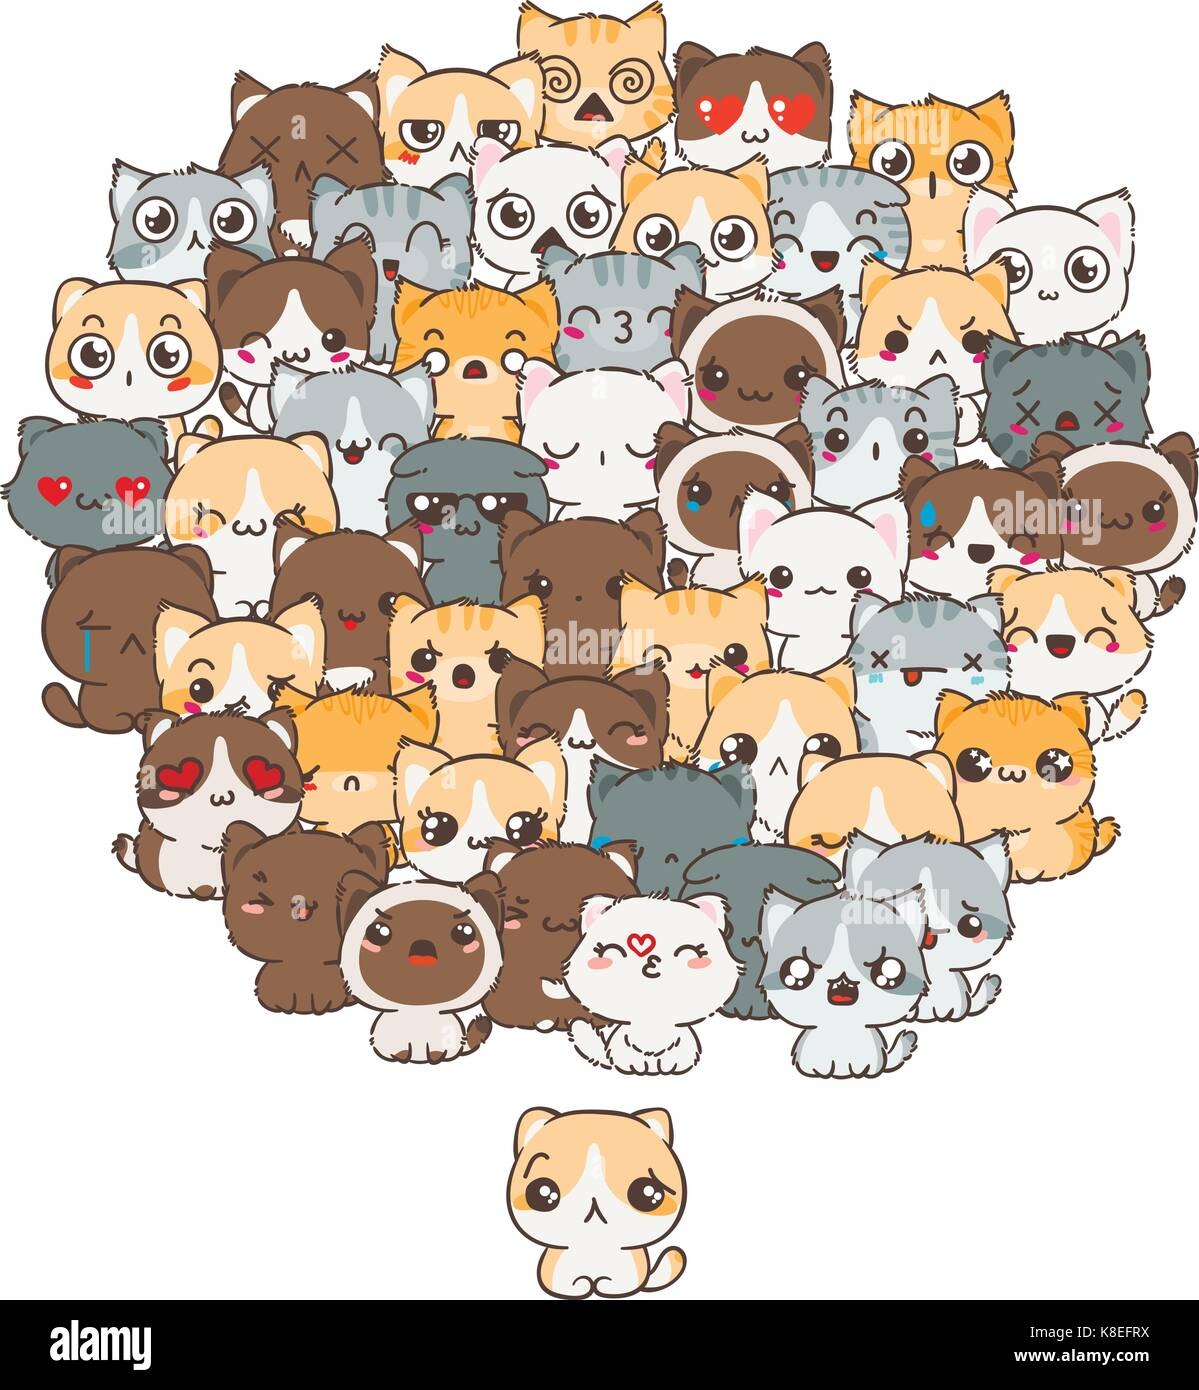 bbbb292e3762c Patrón de vectores para imprimir. ilustration con gatos y perros para el  diseño de carteles